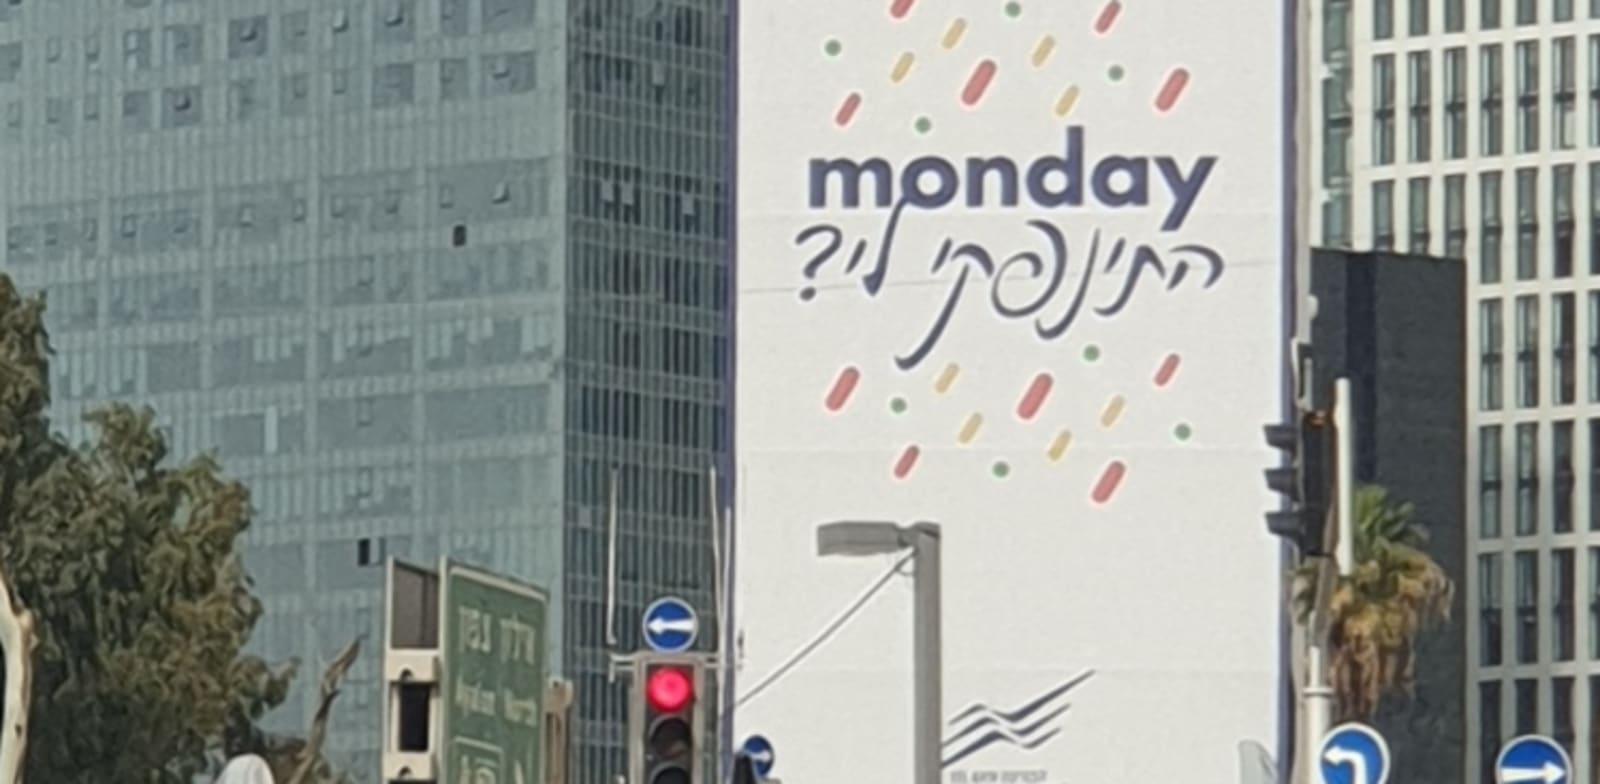 שלט התינפקי לי - קמפיין הבורסה / צילום: בר - אל